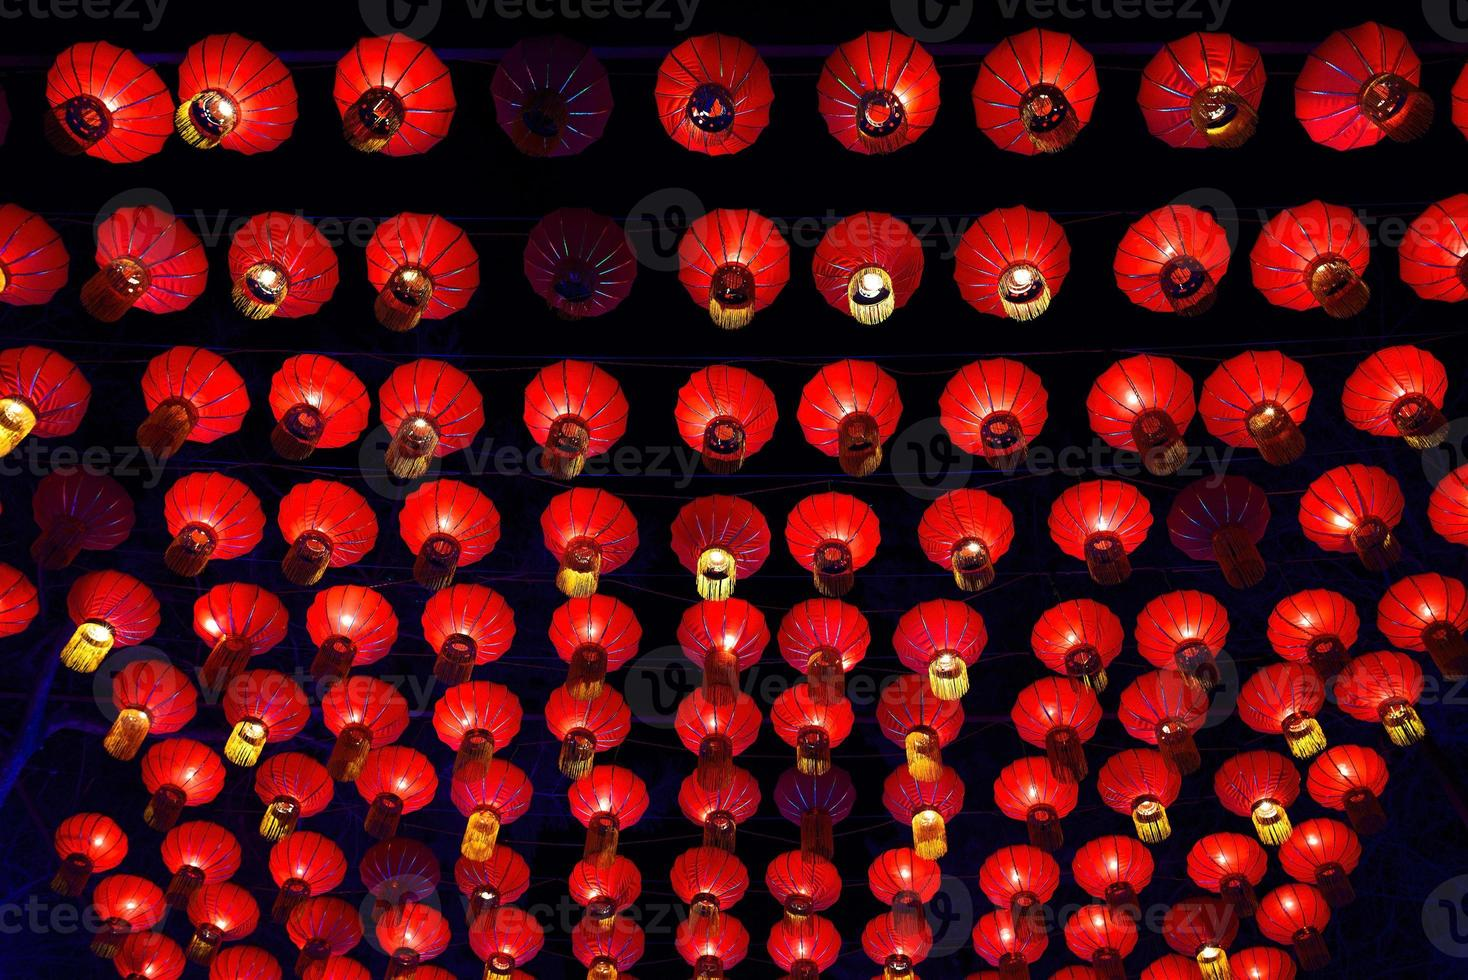 Chinesische Lampe foto